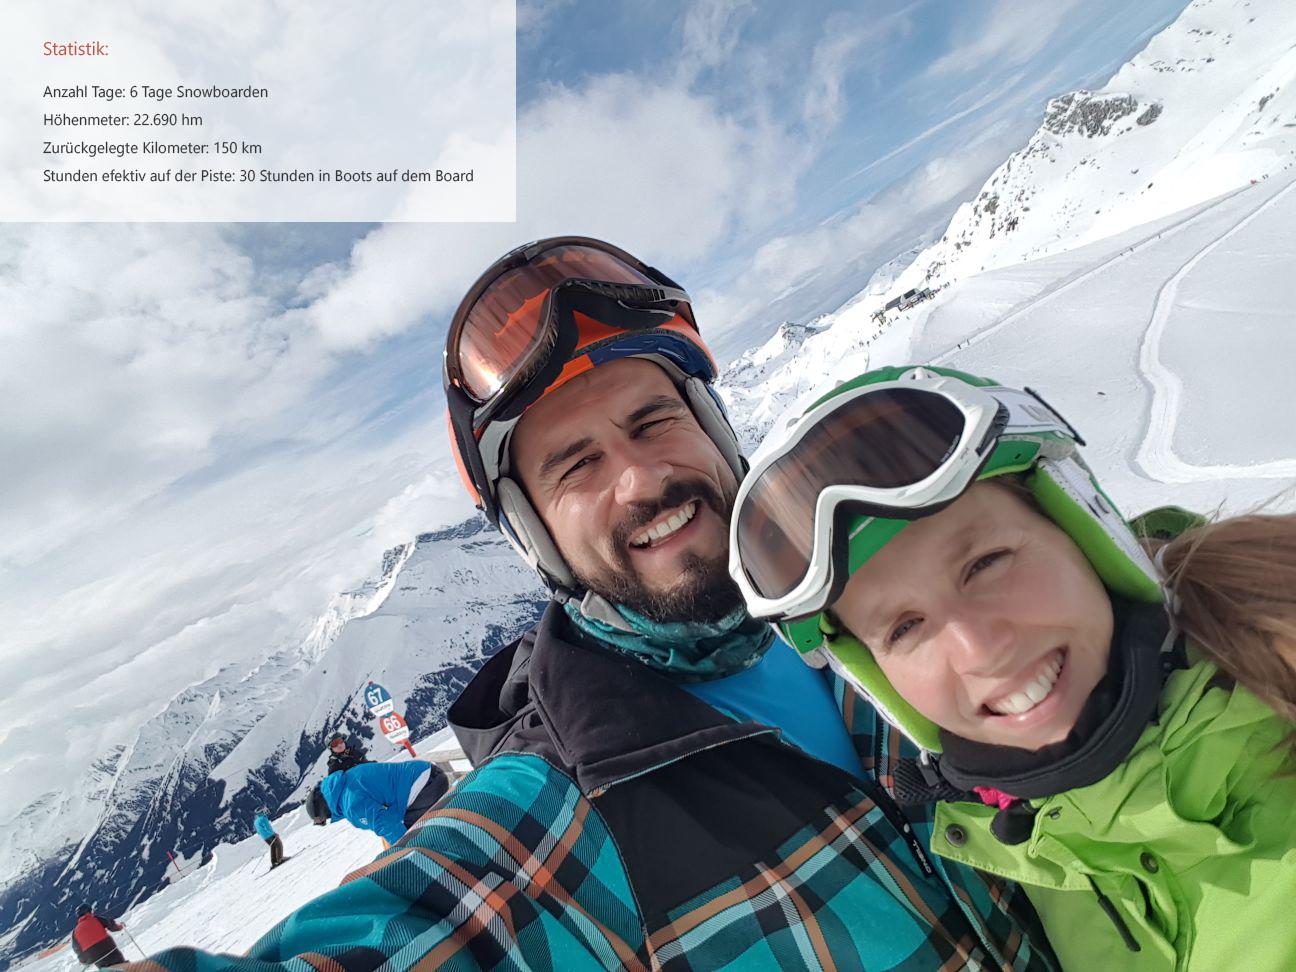 Winterurlaub in Mayrhofen im Zillertal (Österreich)